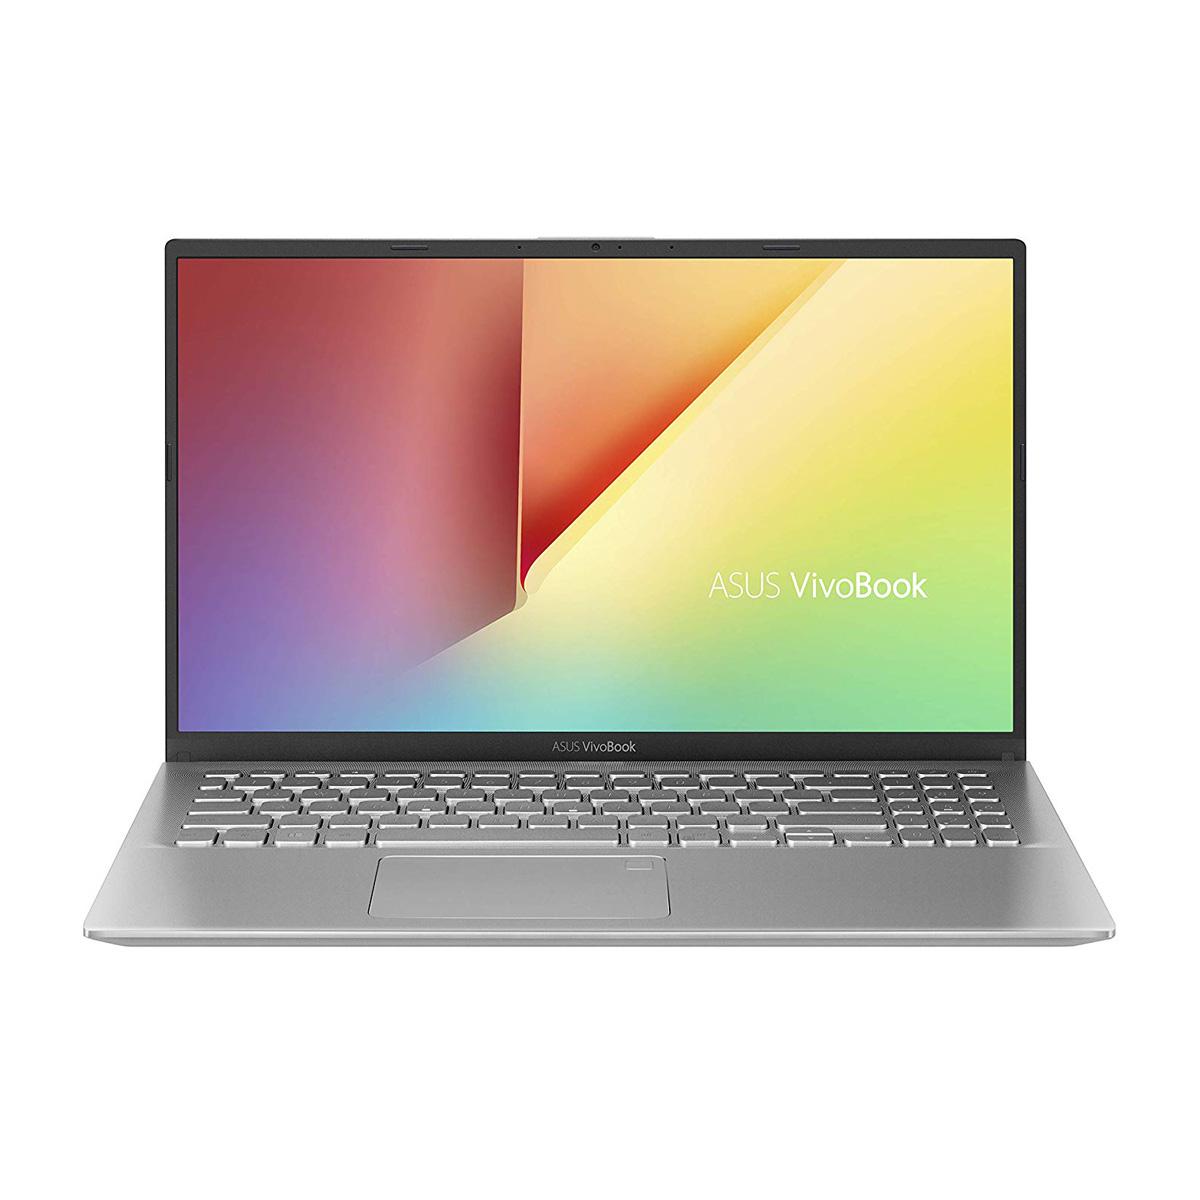 ASUS VivoBook X512FJ